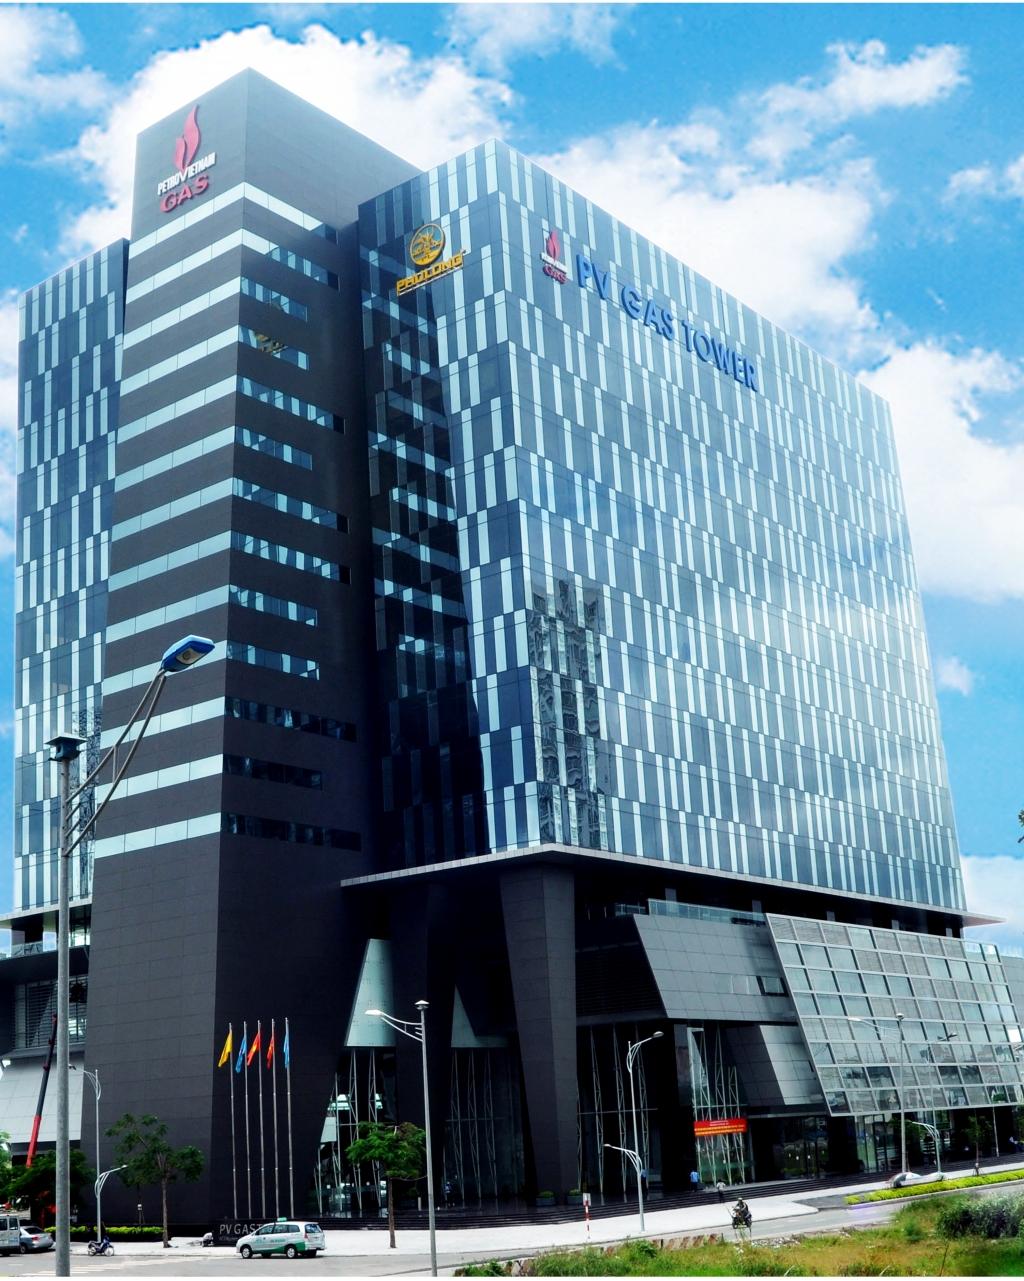 Tòa nhà PV GAS Tower - nơi đặt trụ sở của PV GAS tại Tp.HCM